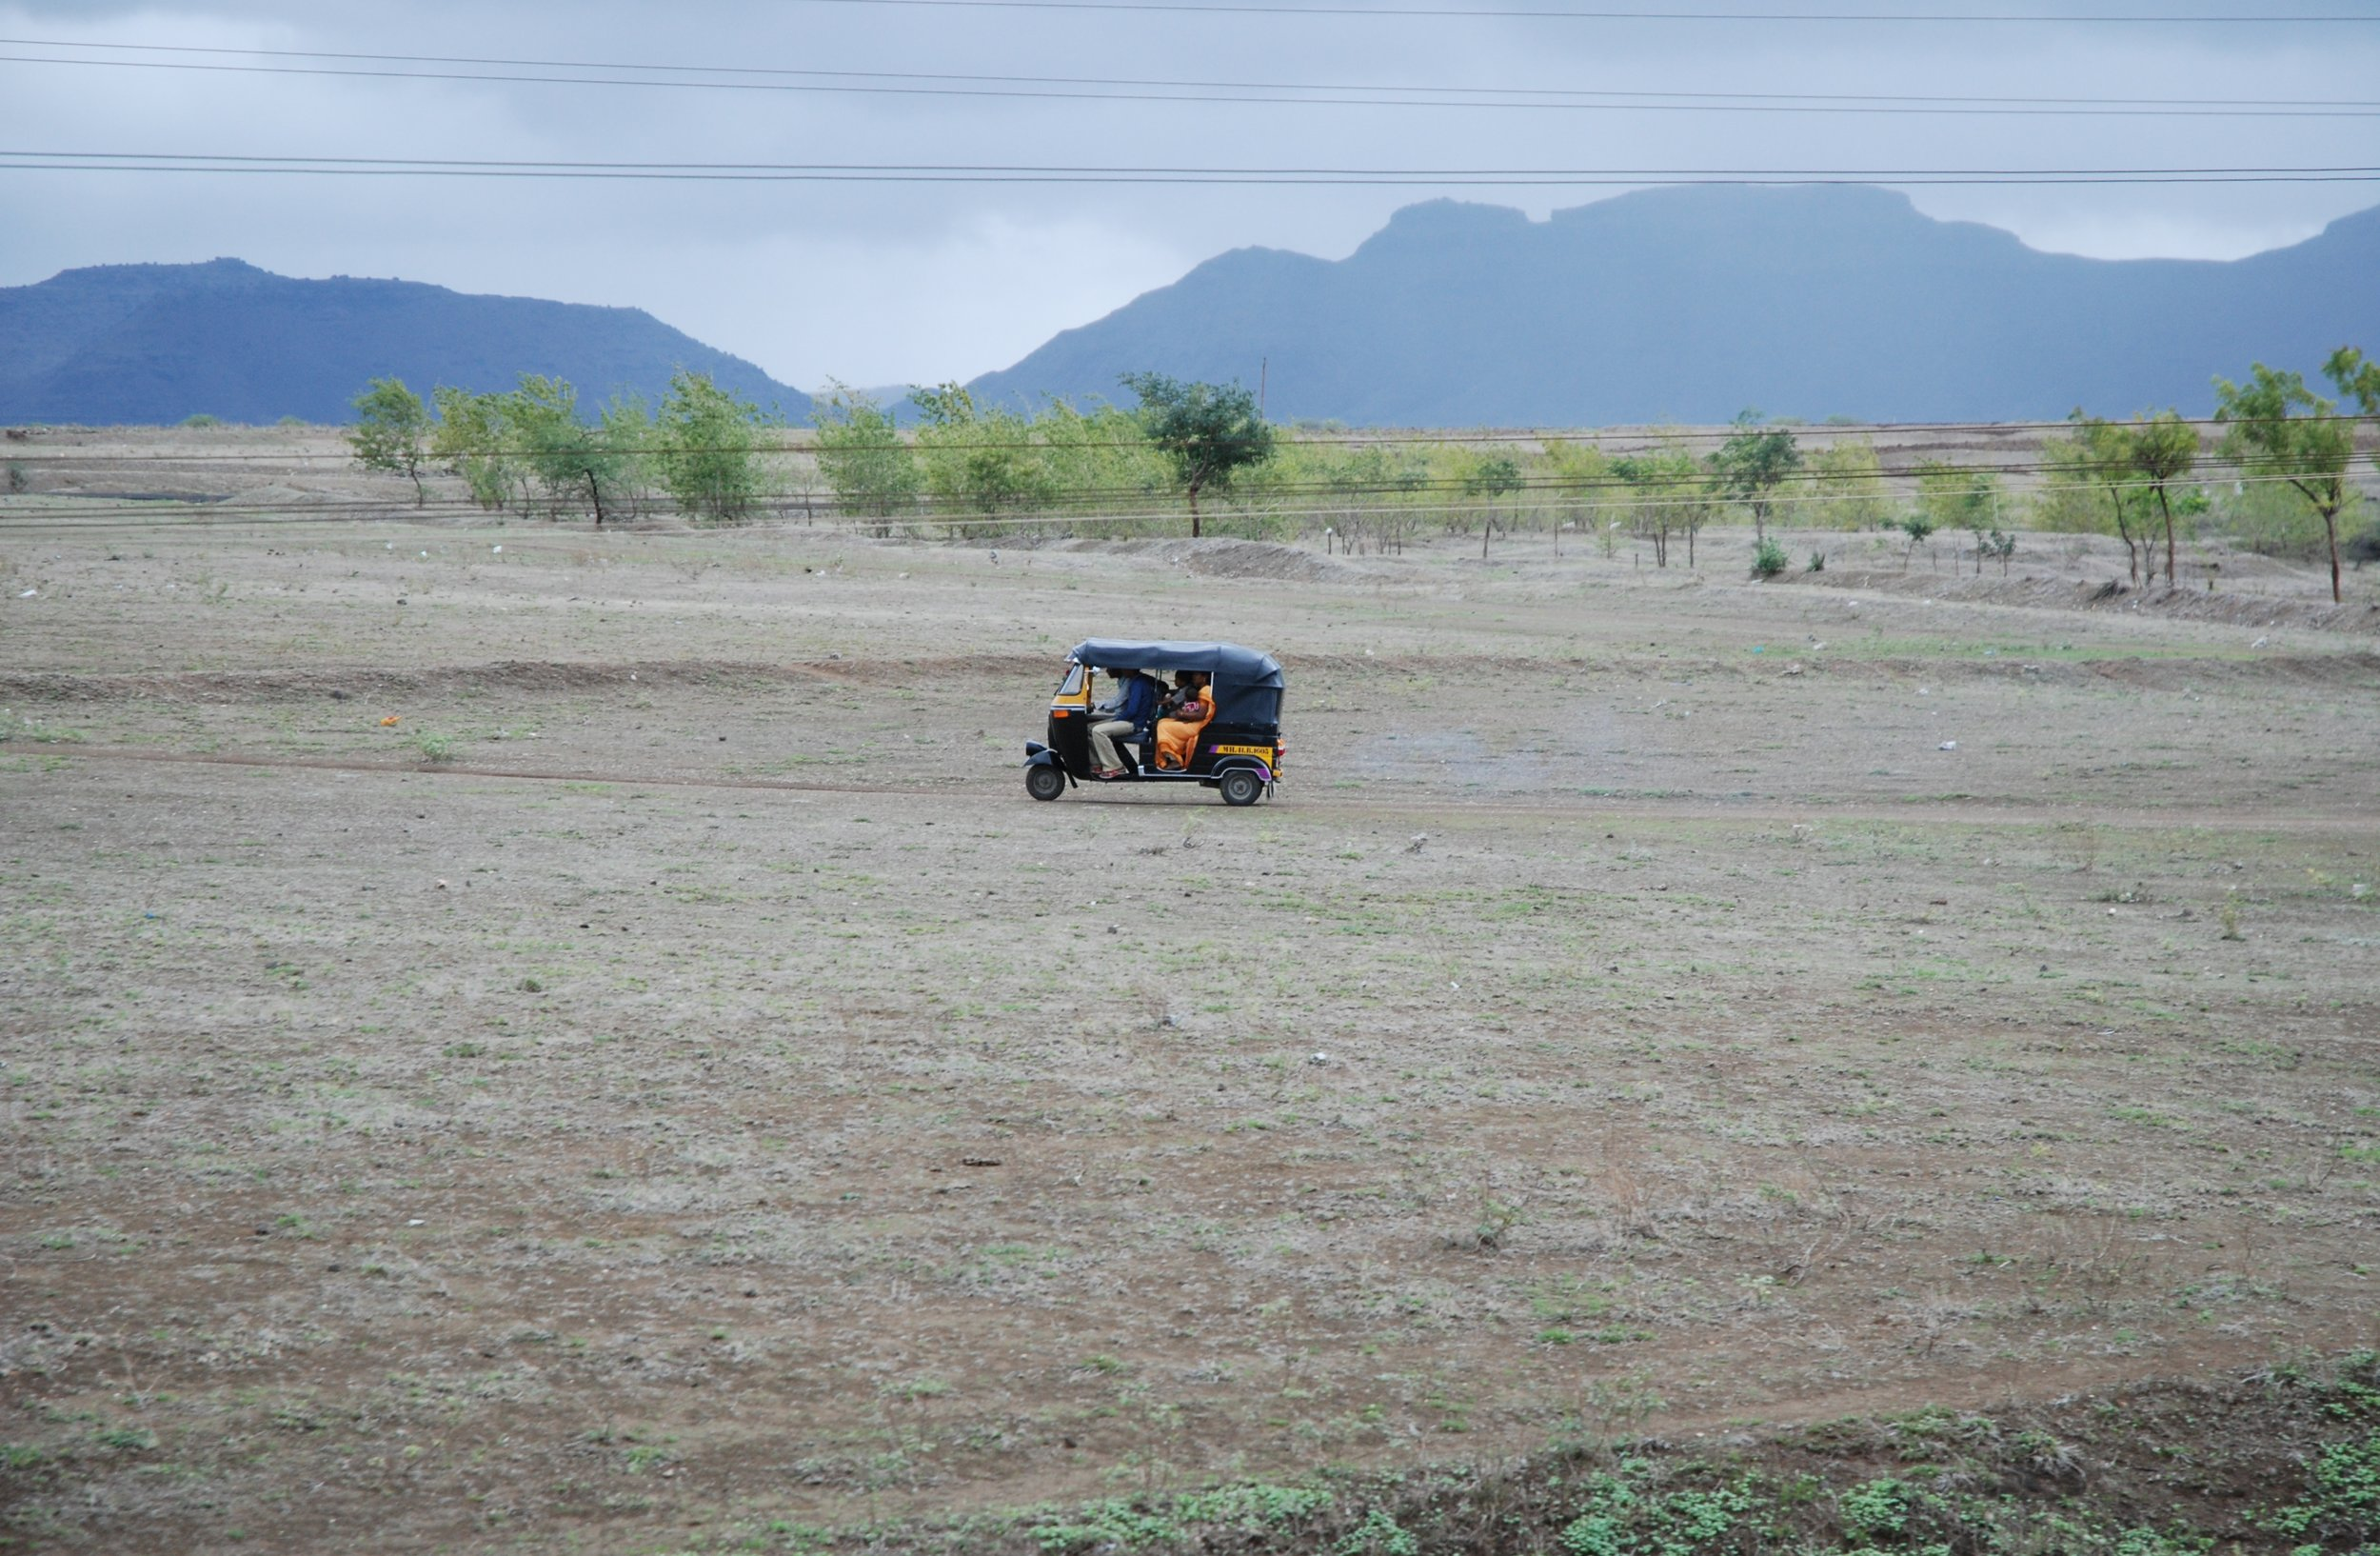 Autorickshaw in landscape.JPG